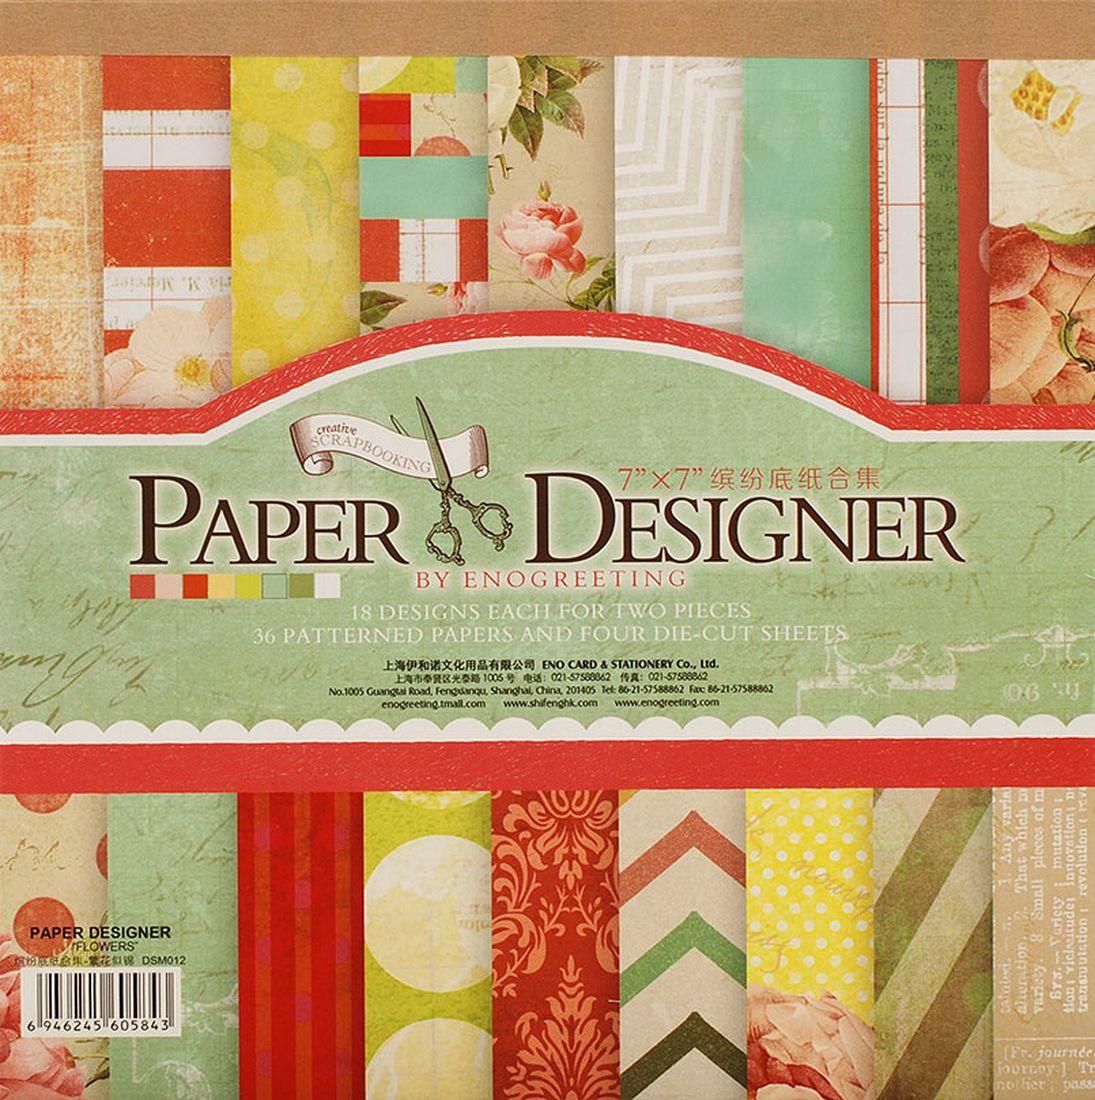 Набор бумаги для скрапбукинга Белоснежка Яркие цветы, 17,5 x 17,5 см, 36 листов набор для творчества тм белоснежка набор бумаги яркие цветы 30 5 30 5см